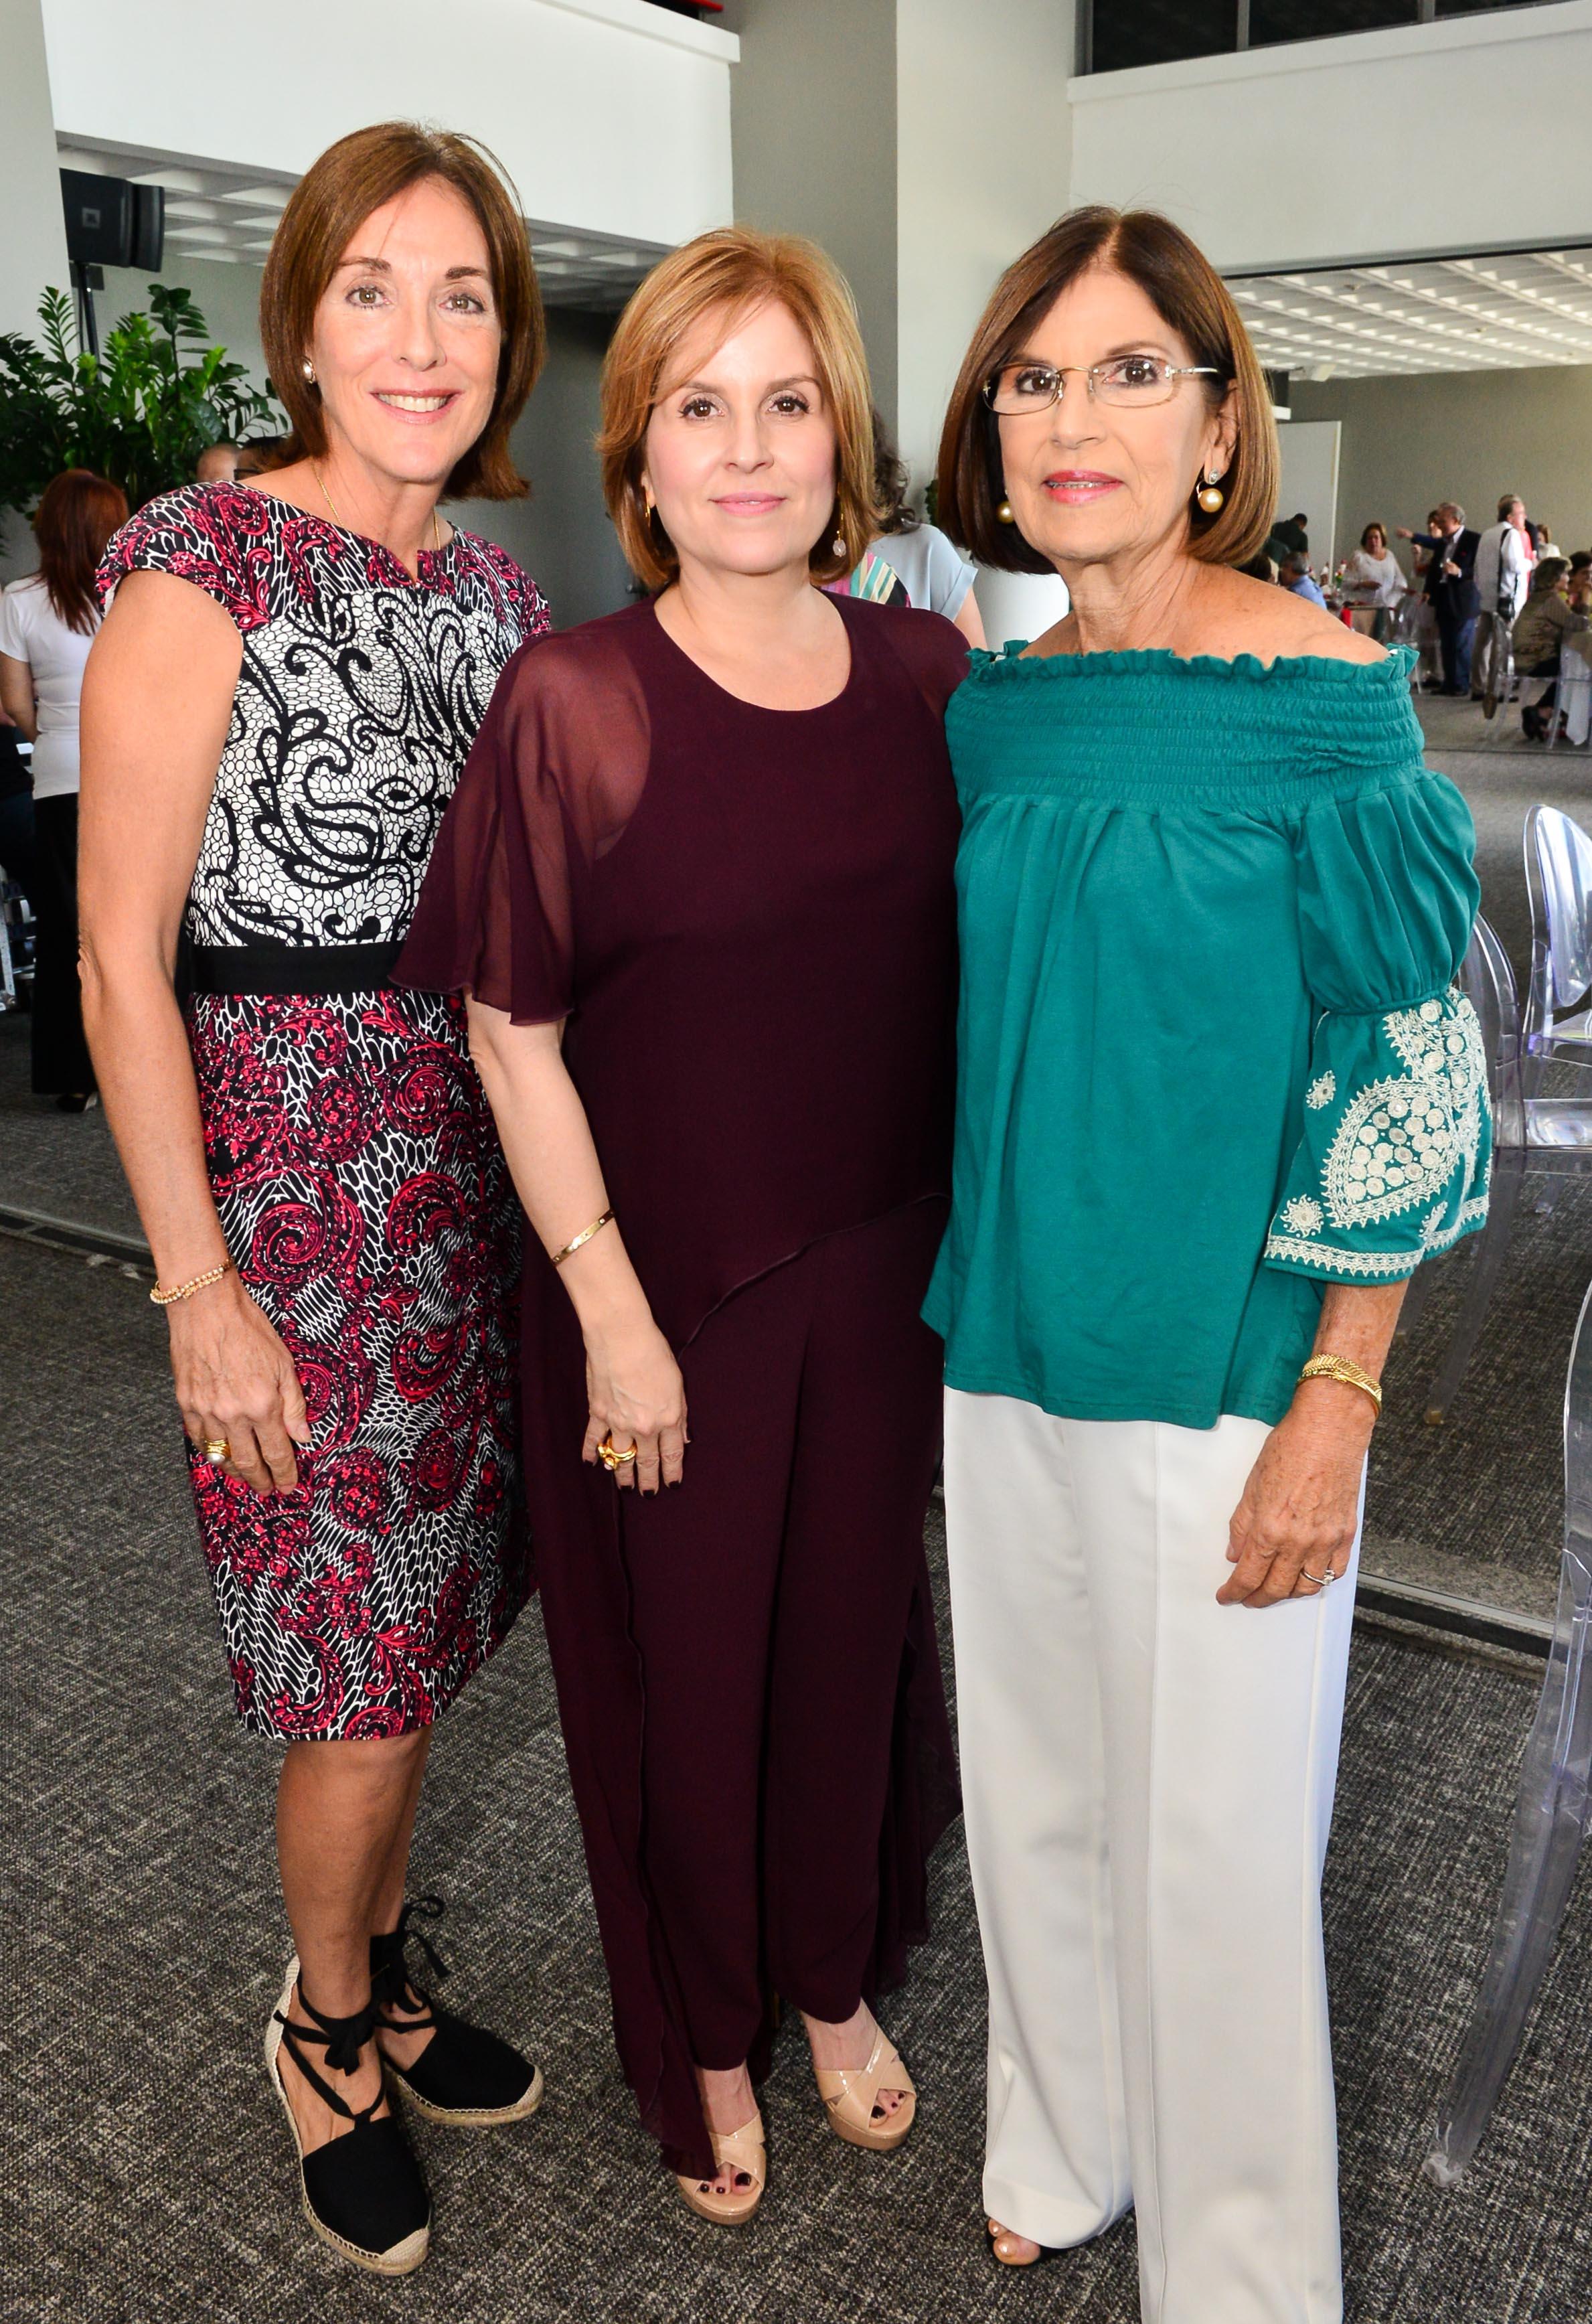 Diana Caballero, Vivian García y Marta Fernández. Foto Enid M. Salgado Mercado